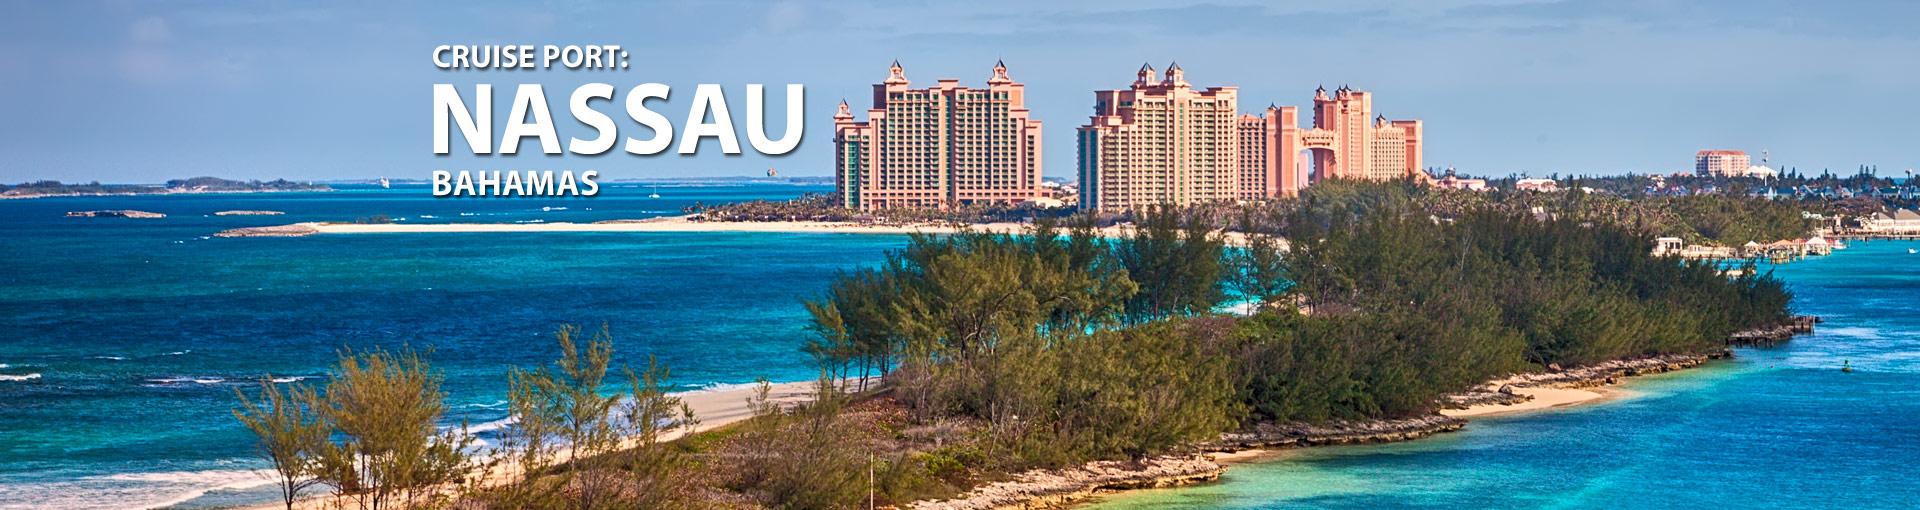 Nassau, Bahamas Cruise Port, 2017 and 2018 Cruises to Nassau, Bahamas ...